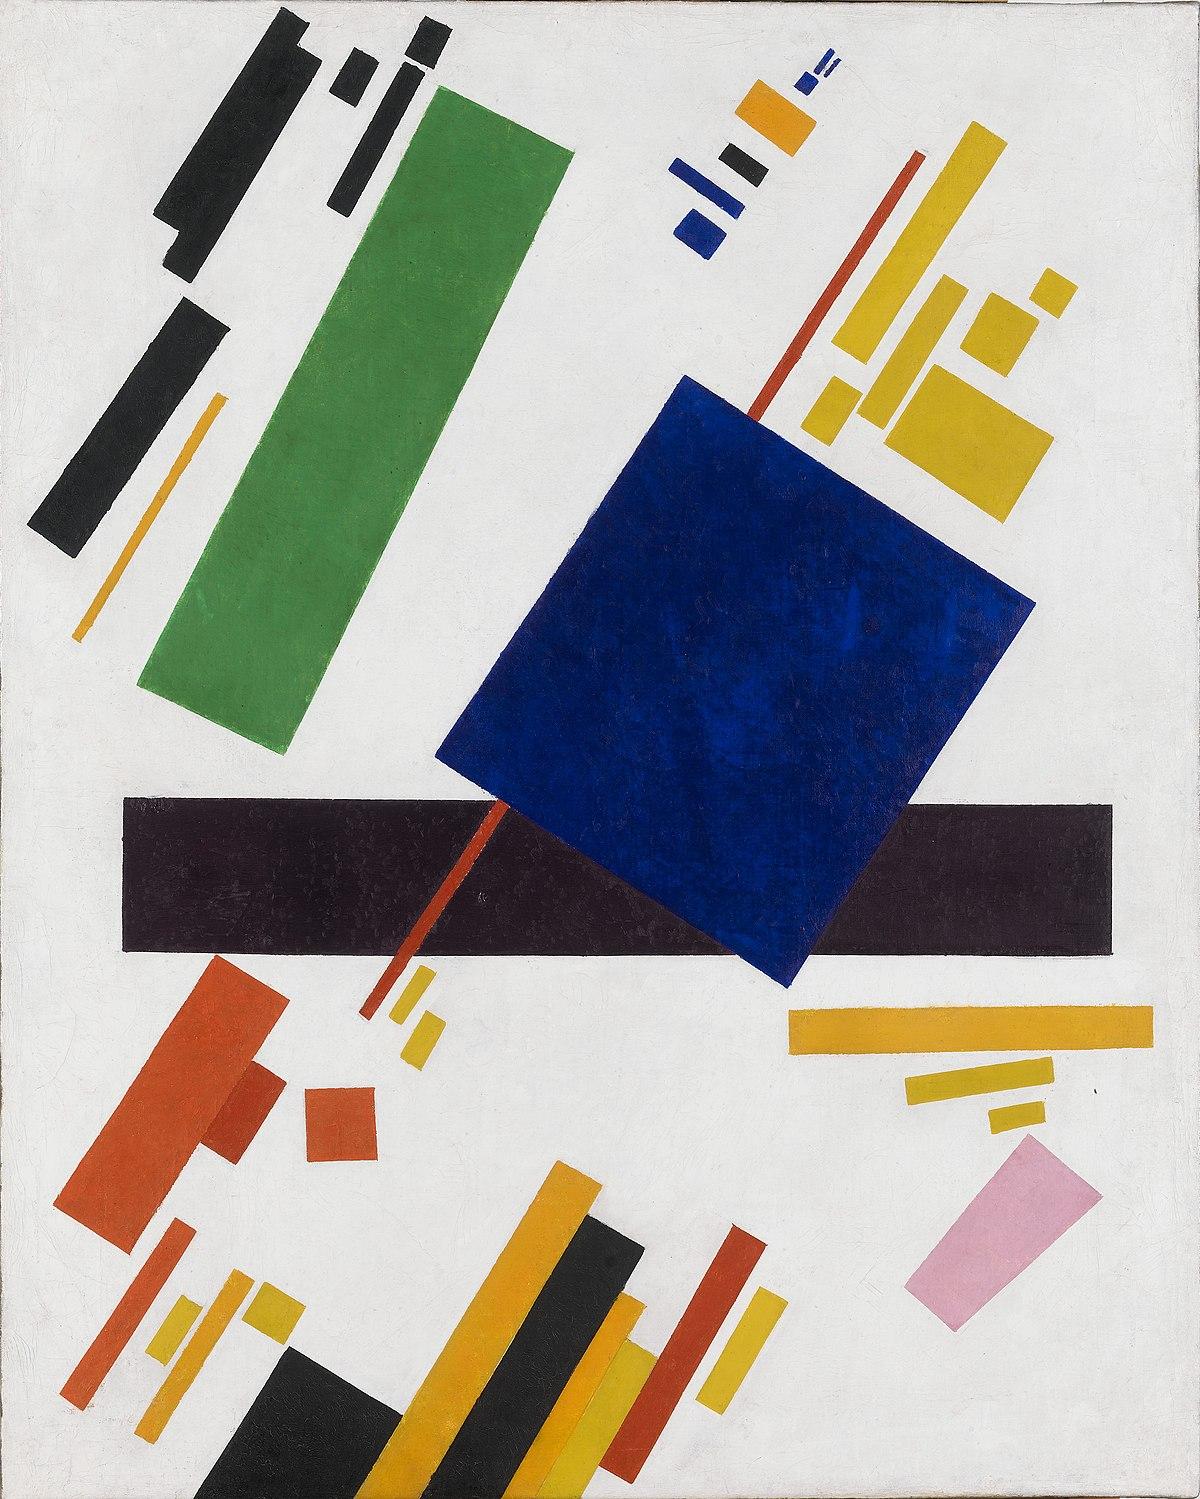 Suprematist Composition (Kazimir Malevich, 1916)